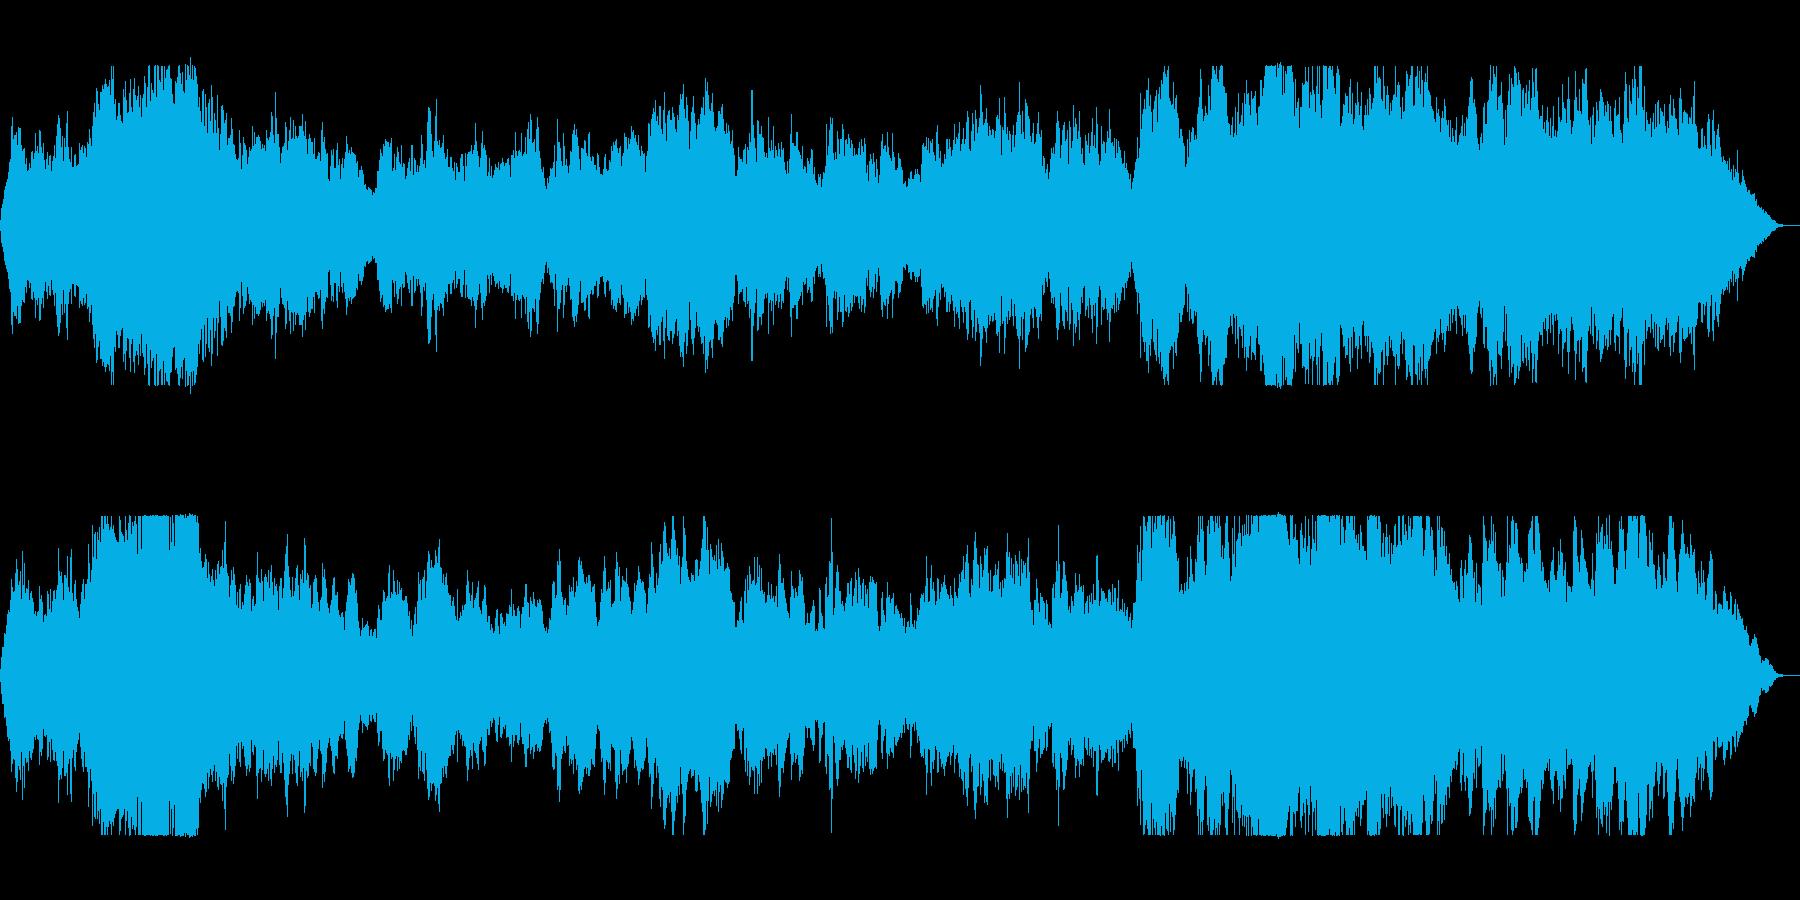 雄大で重厚感あるイージーリスニングの再生済みの波形